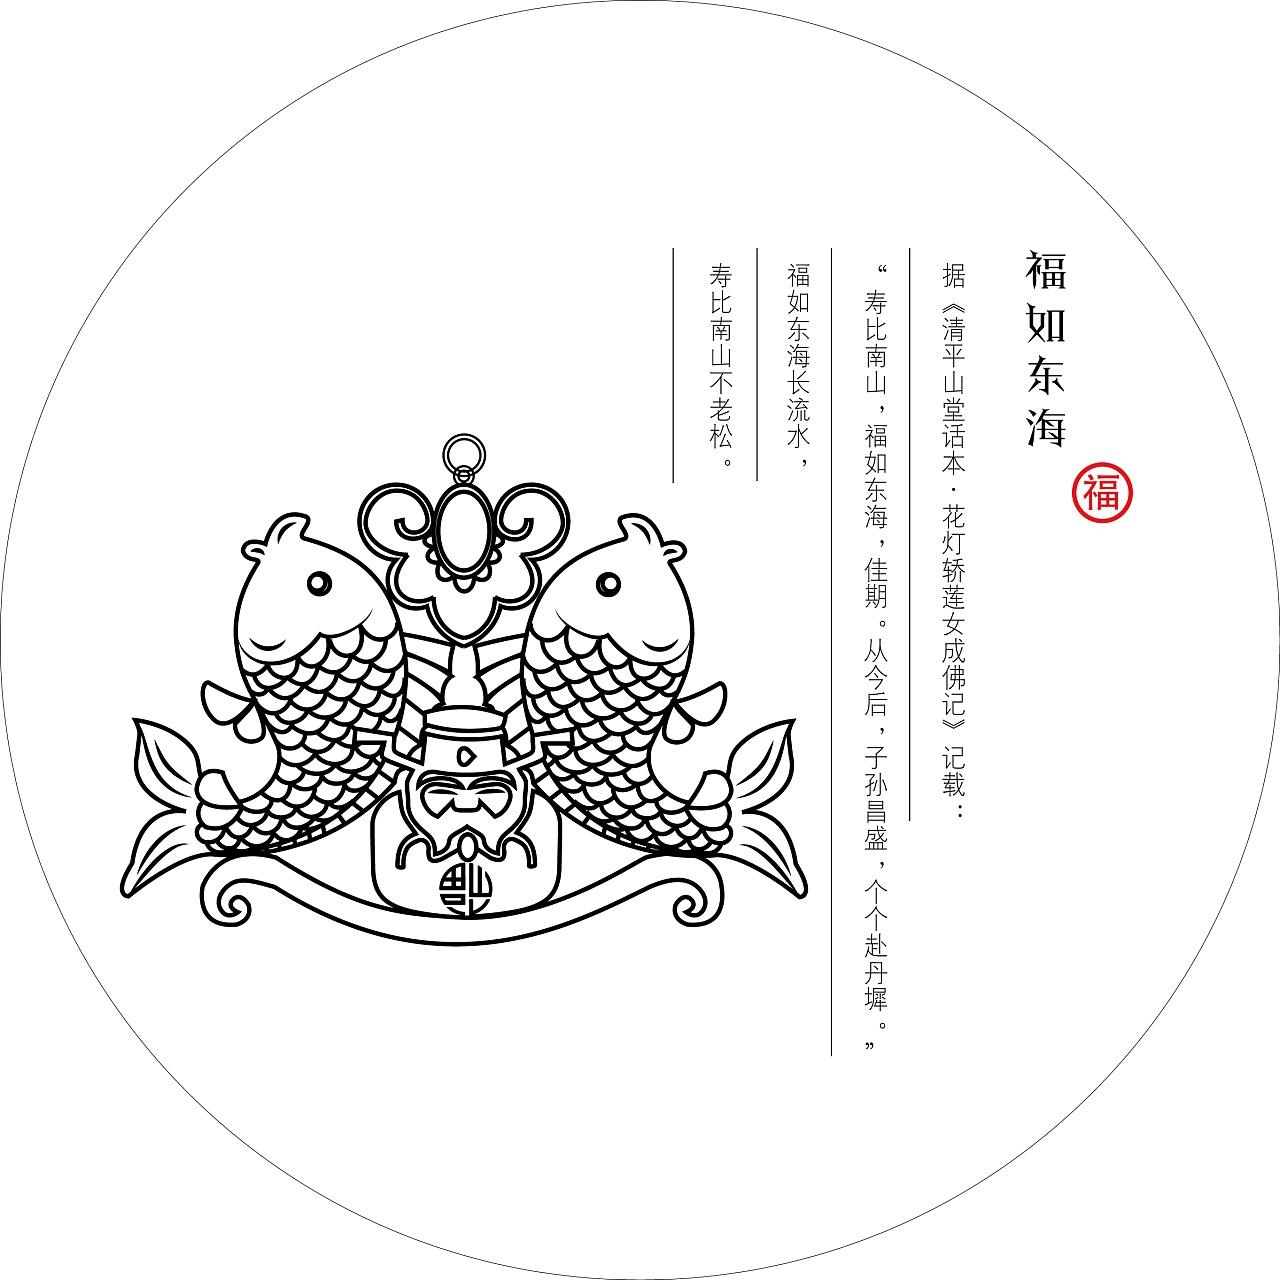 为主题的系列首饰电子稿,结合中国传统吉祥语的寓意和图案.图片